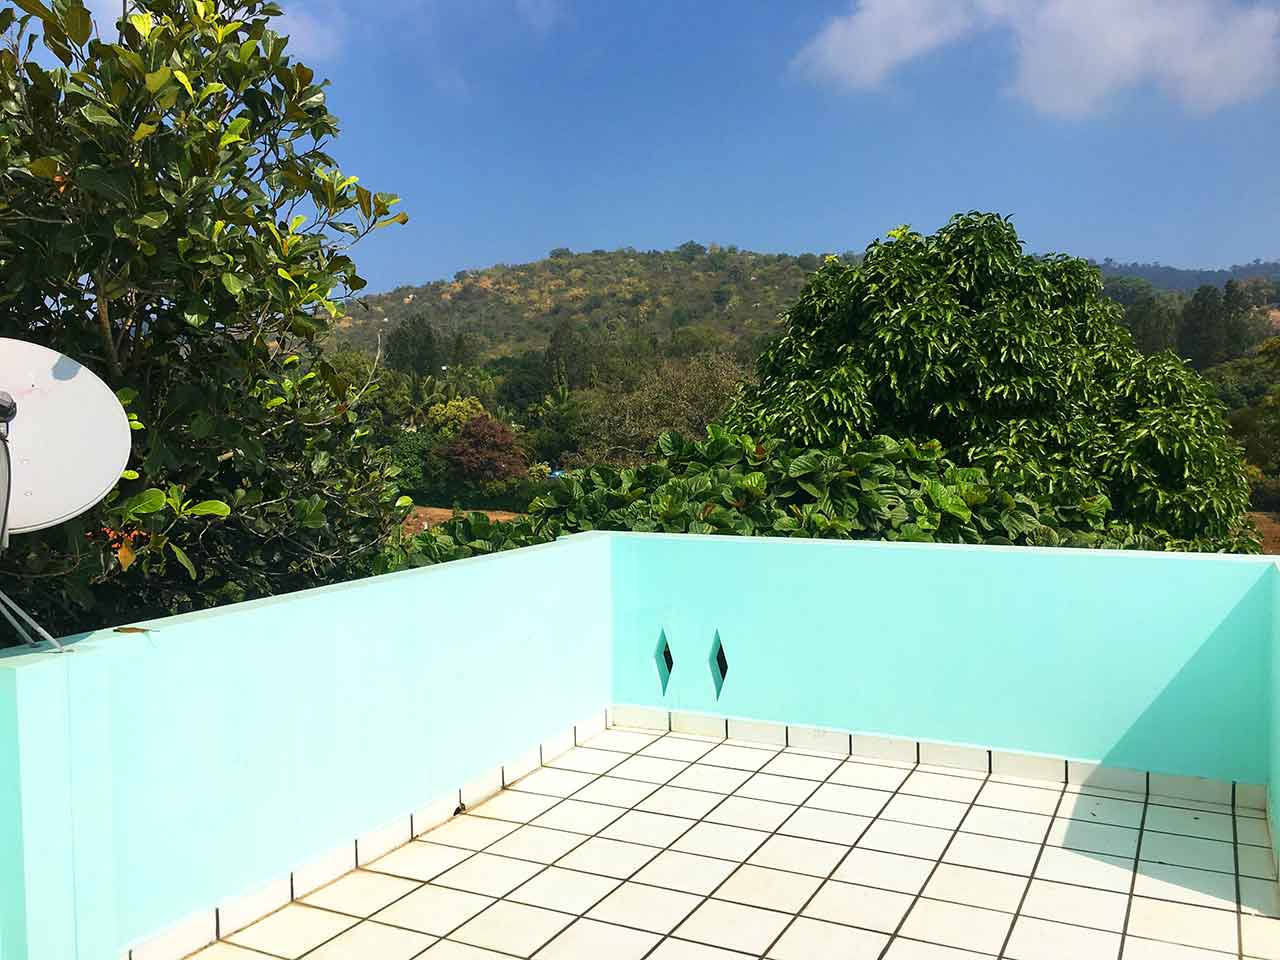 hill view villa in yelagiri hills